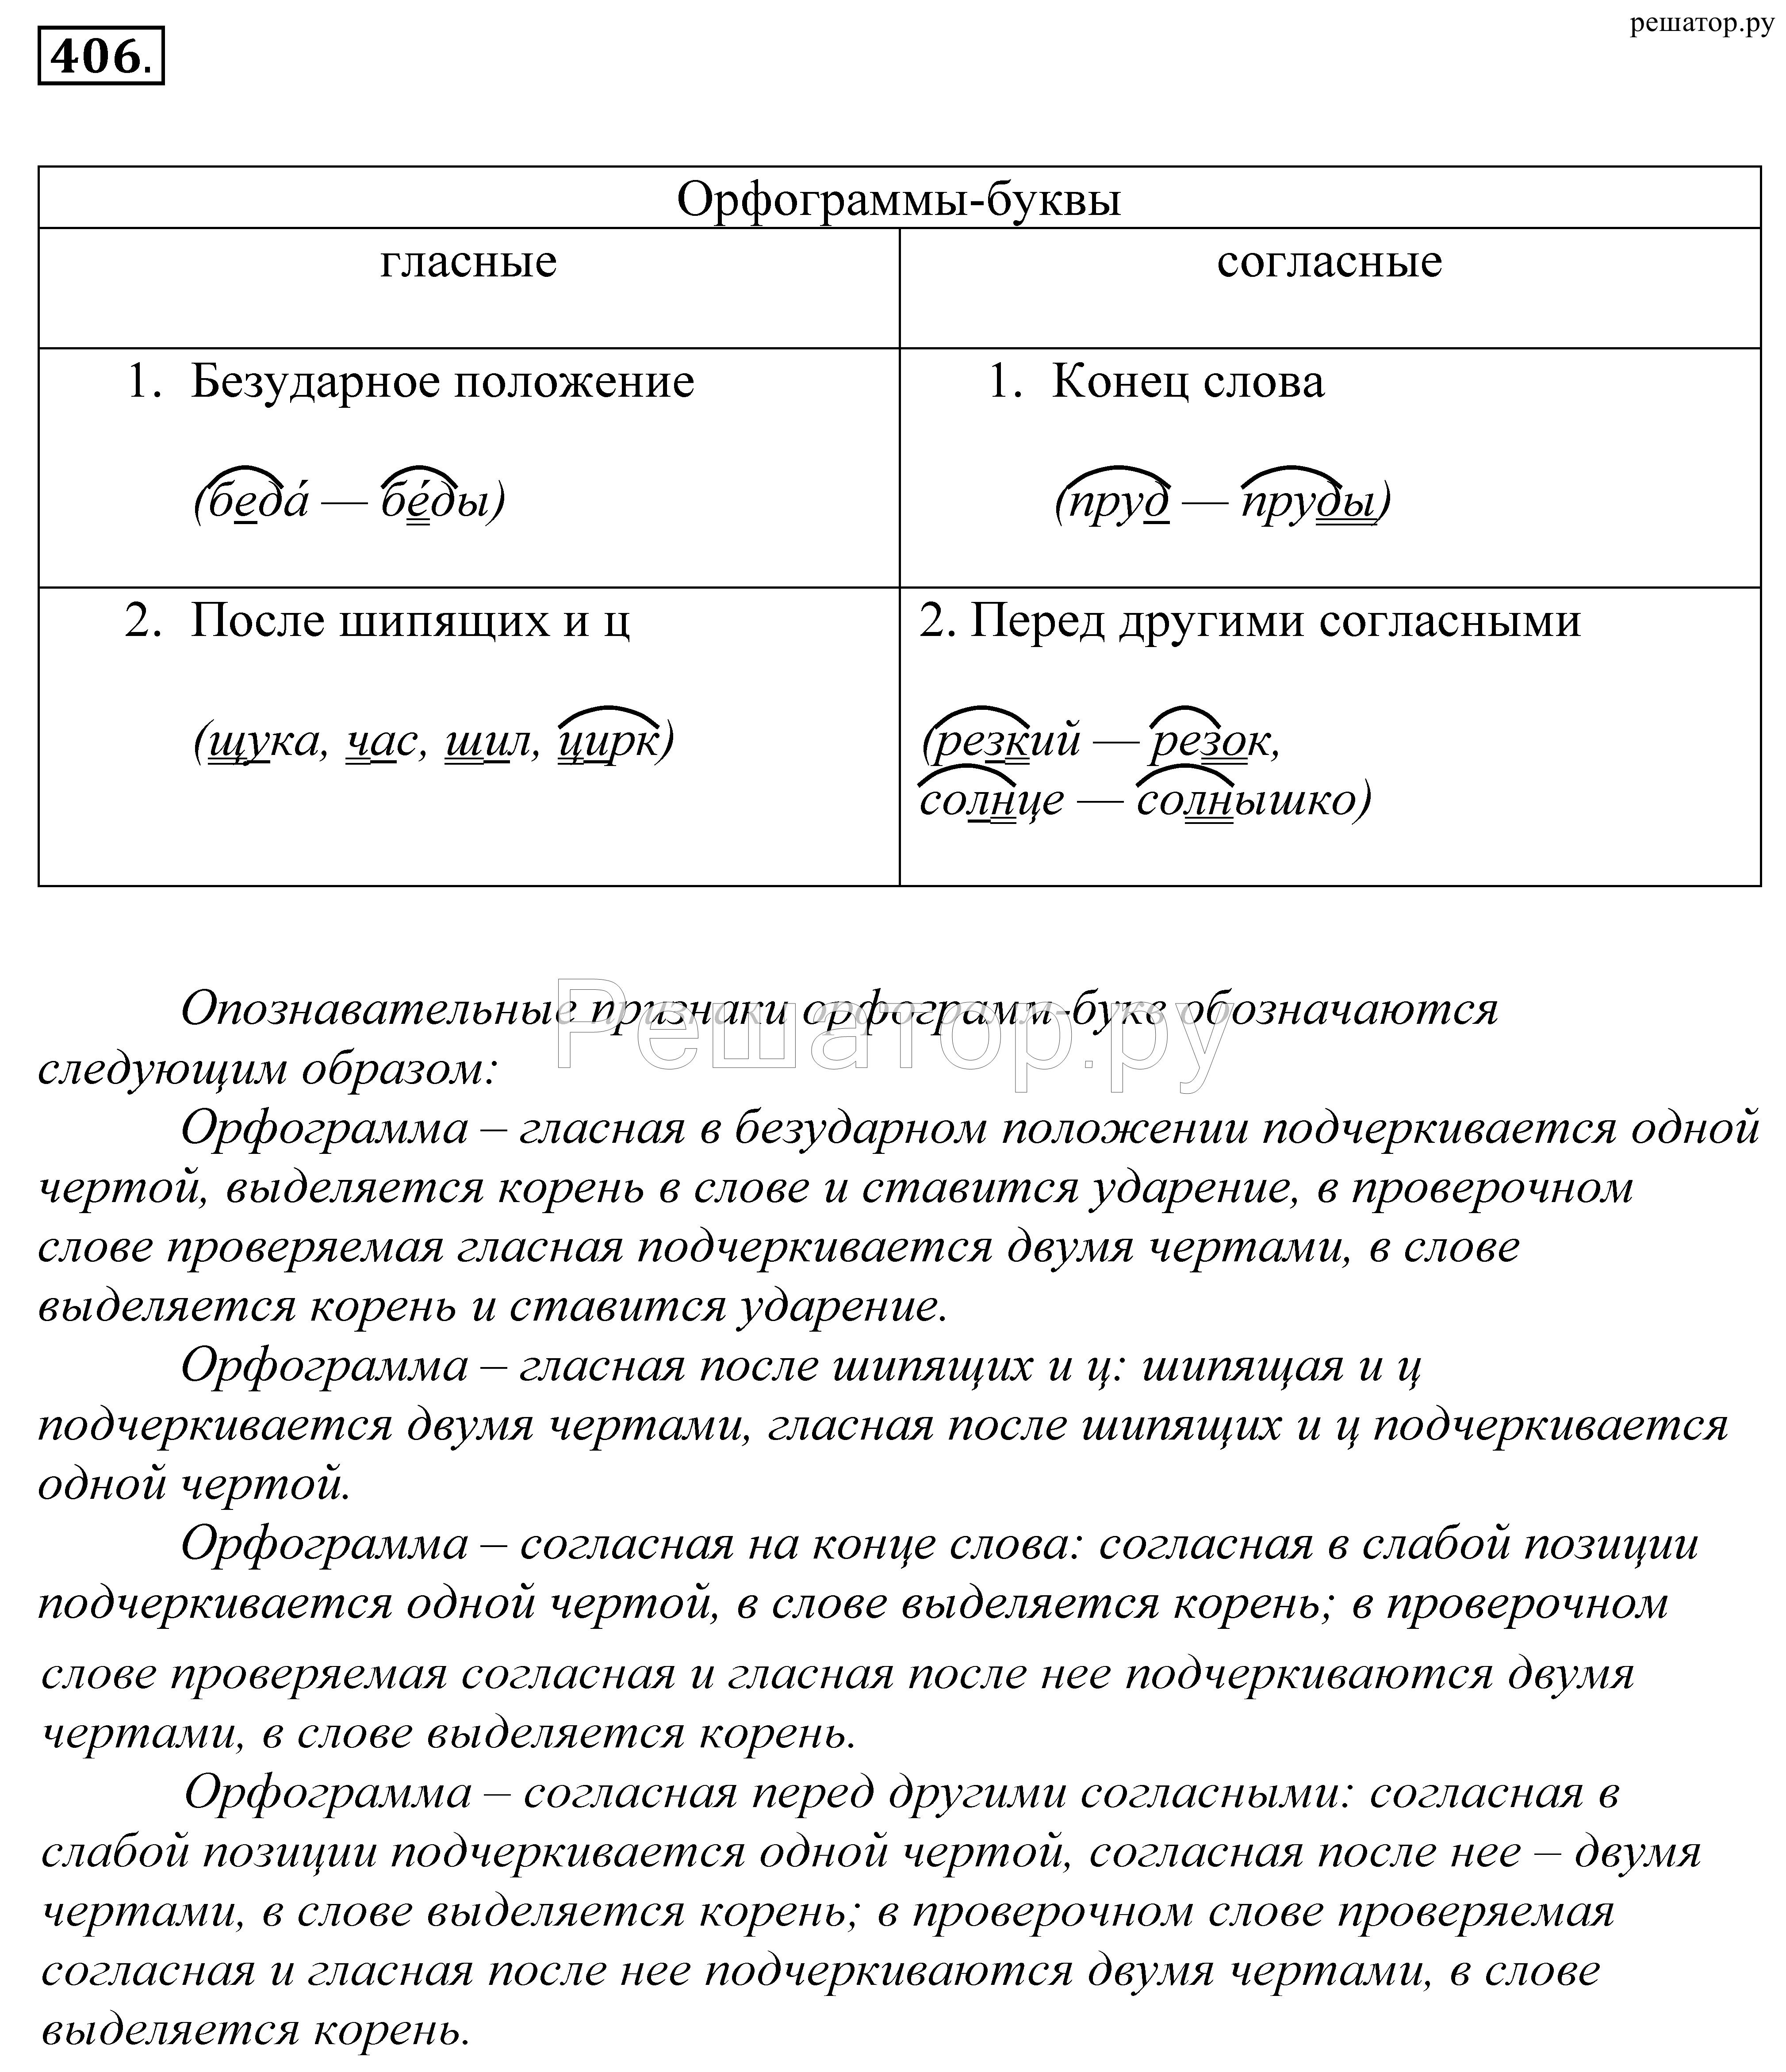 konchit-koren-slova